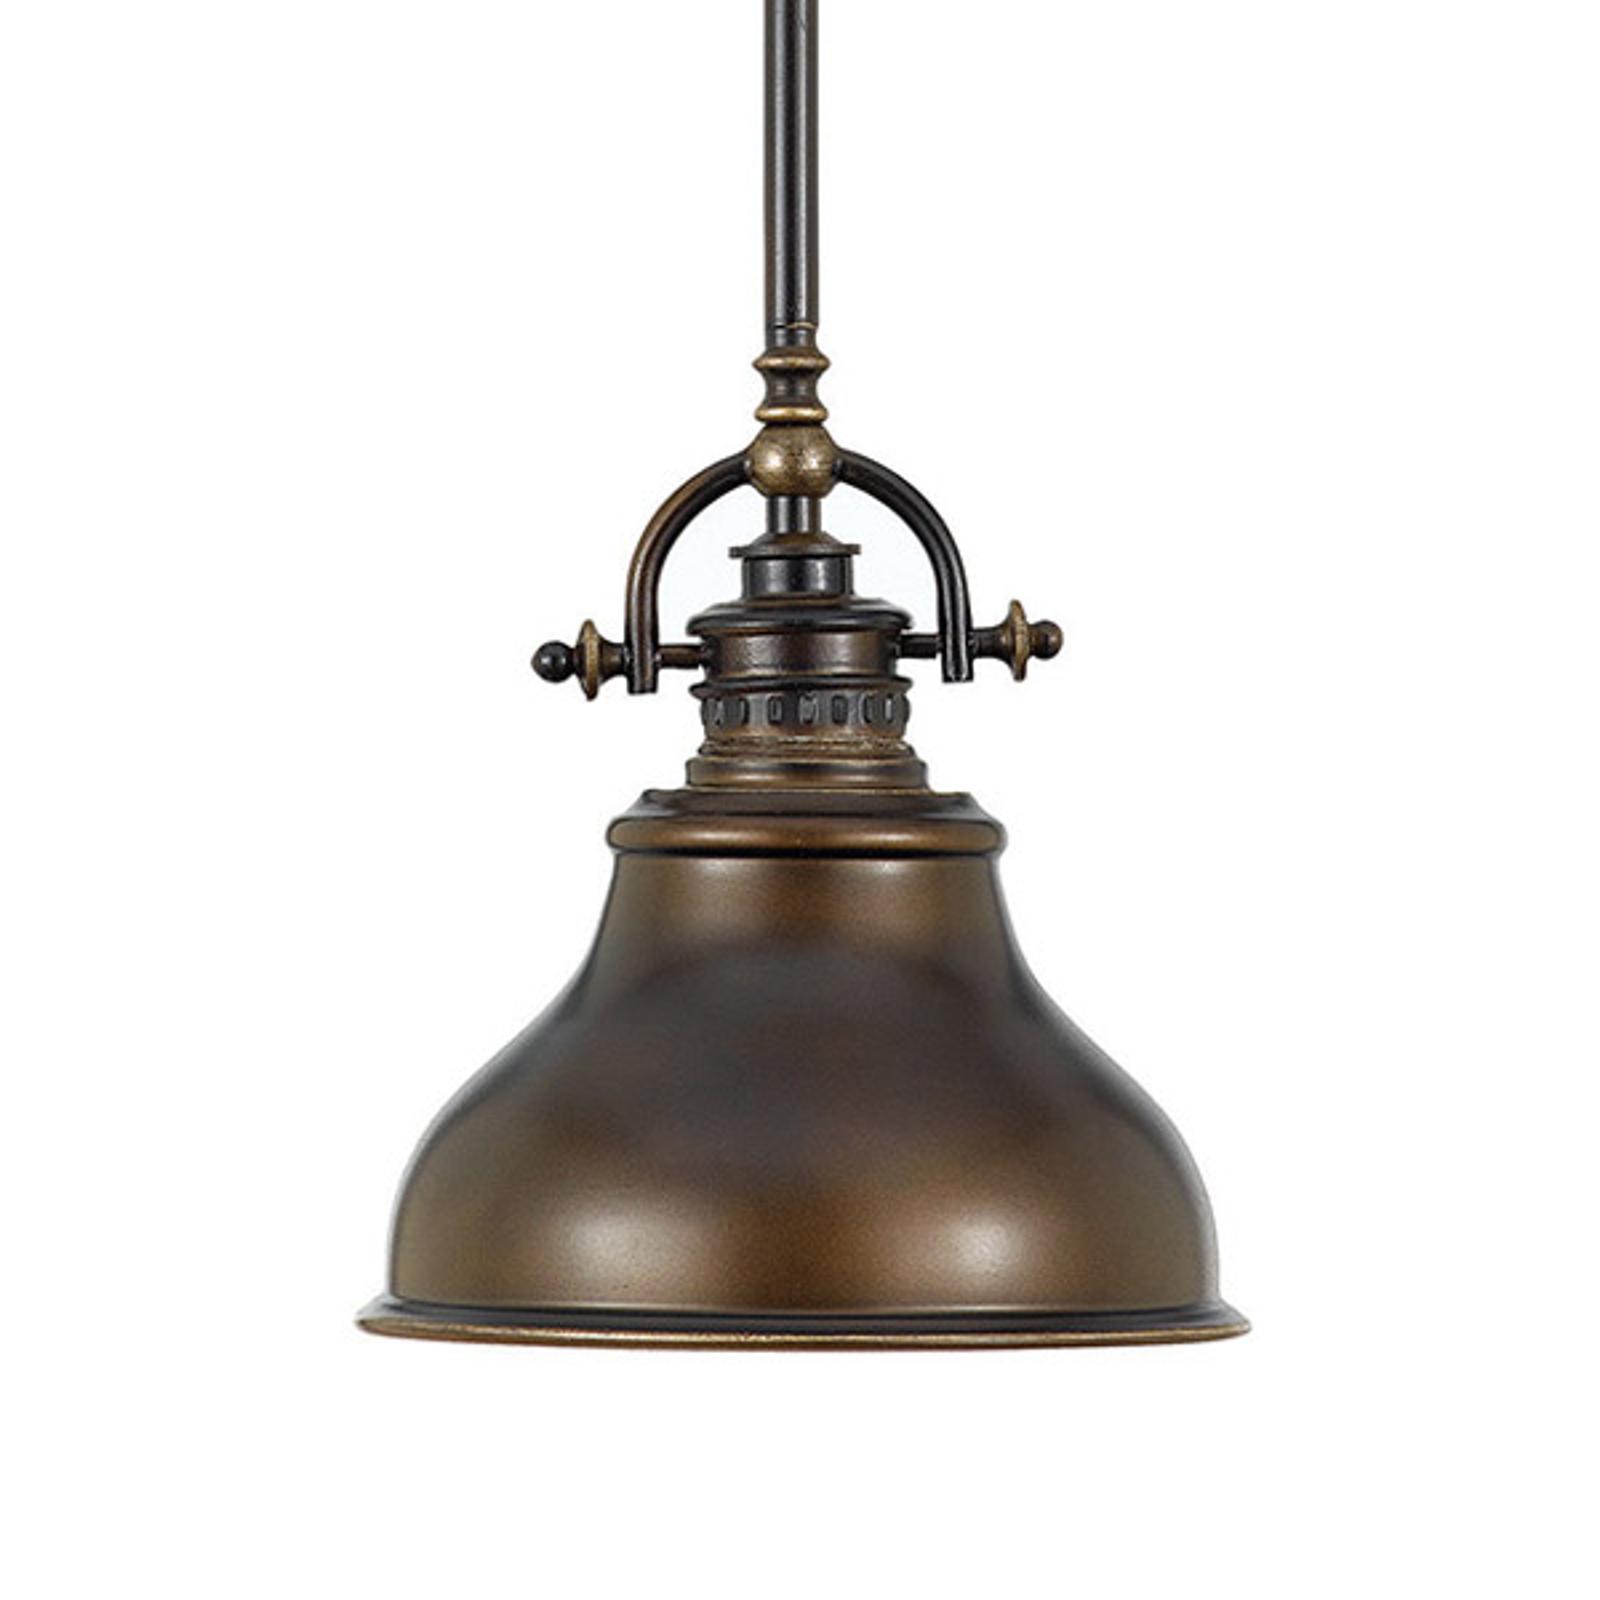 Závesná lampa Emery priemyselný štýl bronz Ø 20,3_3048325_1